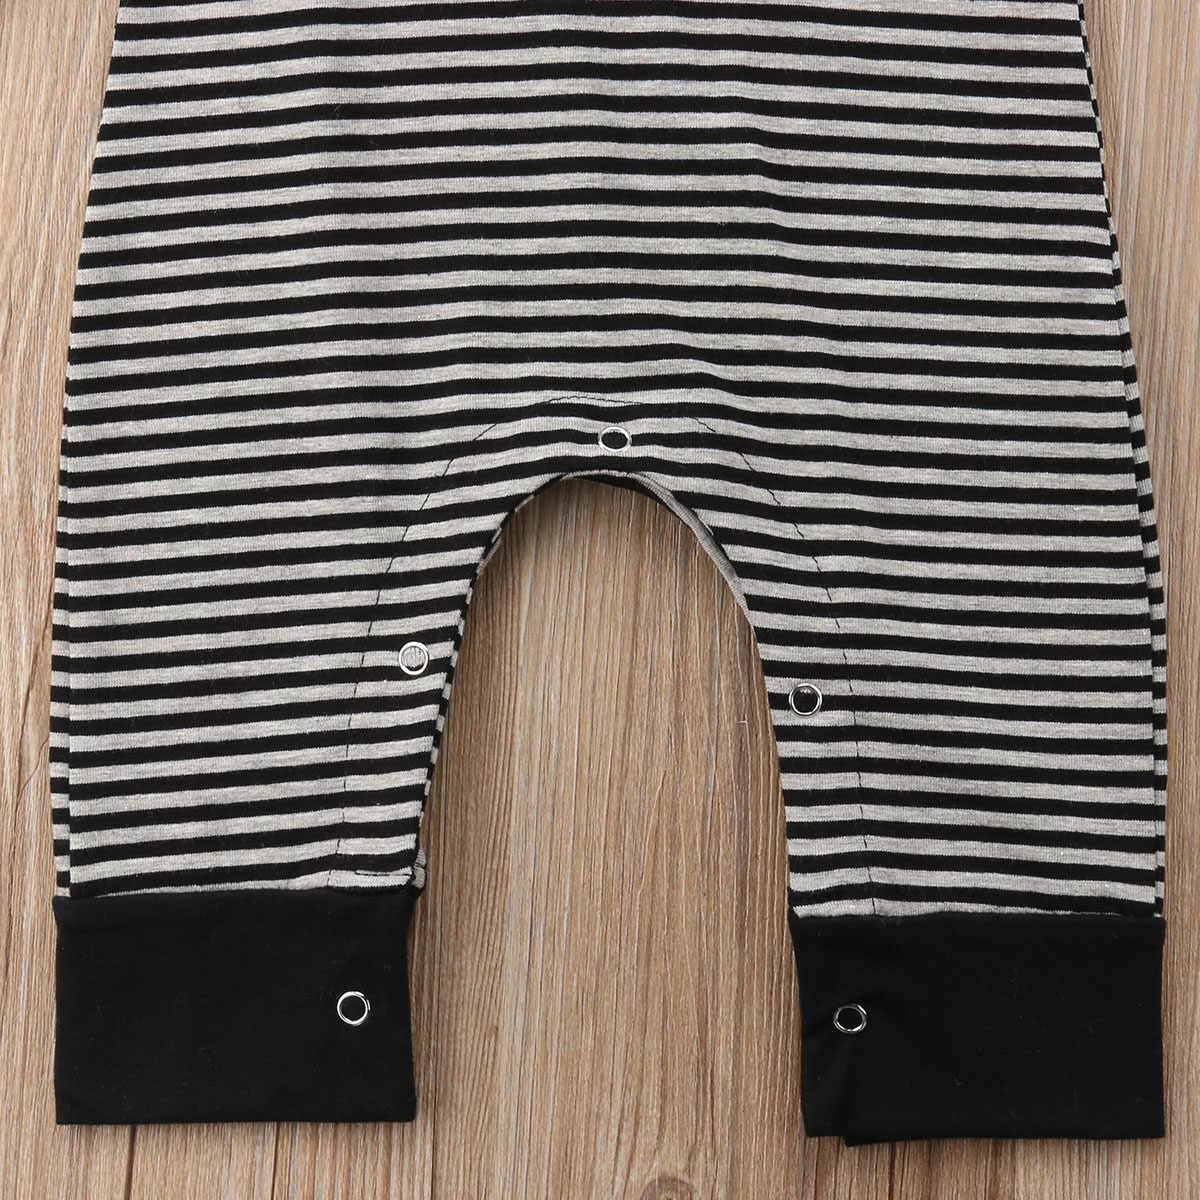 2018 Новый брендовый Рабочий Комбинезон для маленьких мальчиков, комбинезон в полоску с короткими рукавами, летняя одежда в стиле пэчворк